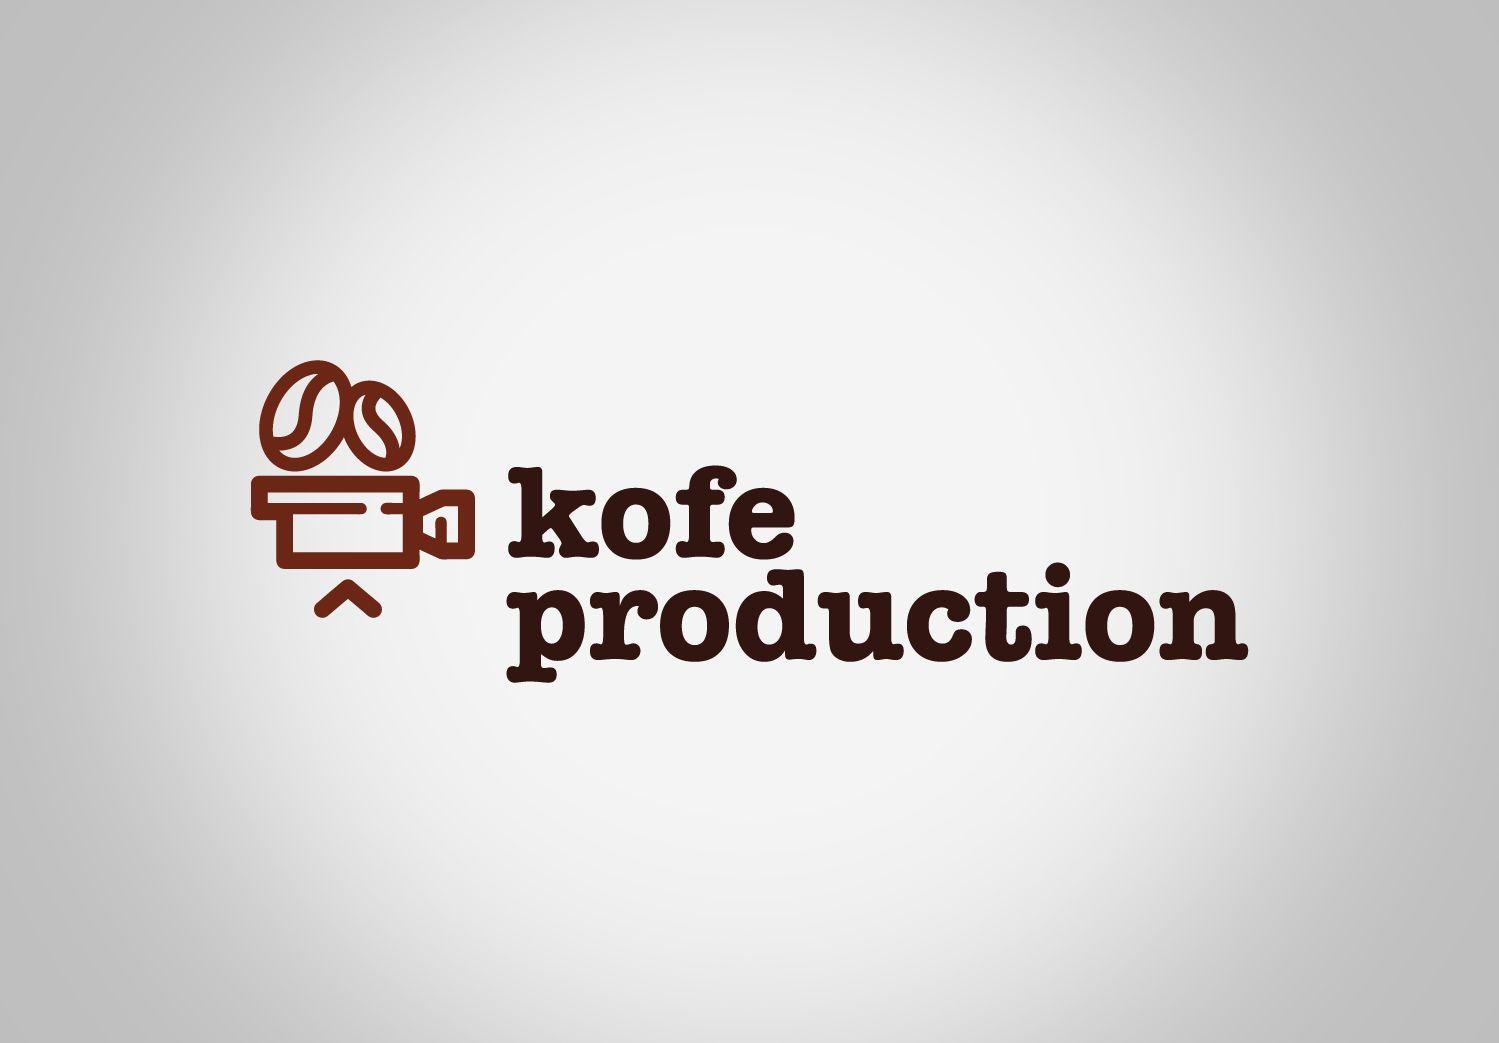 Логотип для видео продакшна (kofe.co) - дизайнер Geyzerrr